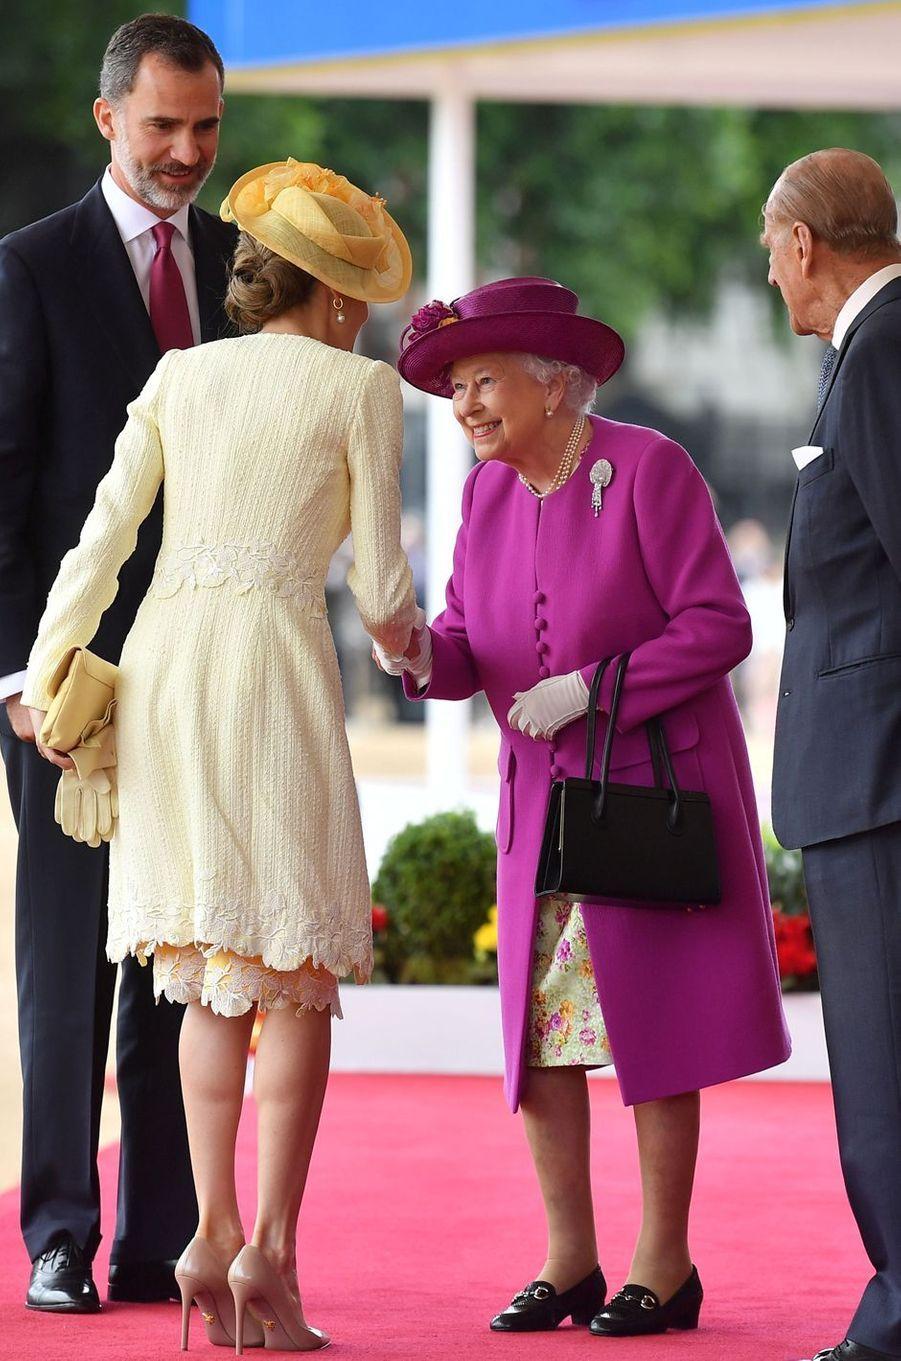 La reine Letizia d'Espagne s'est coiffée d'un chapeau pour rencontrer Elizabeth II à Londres, le 12 juillet 2017